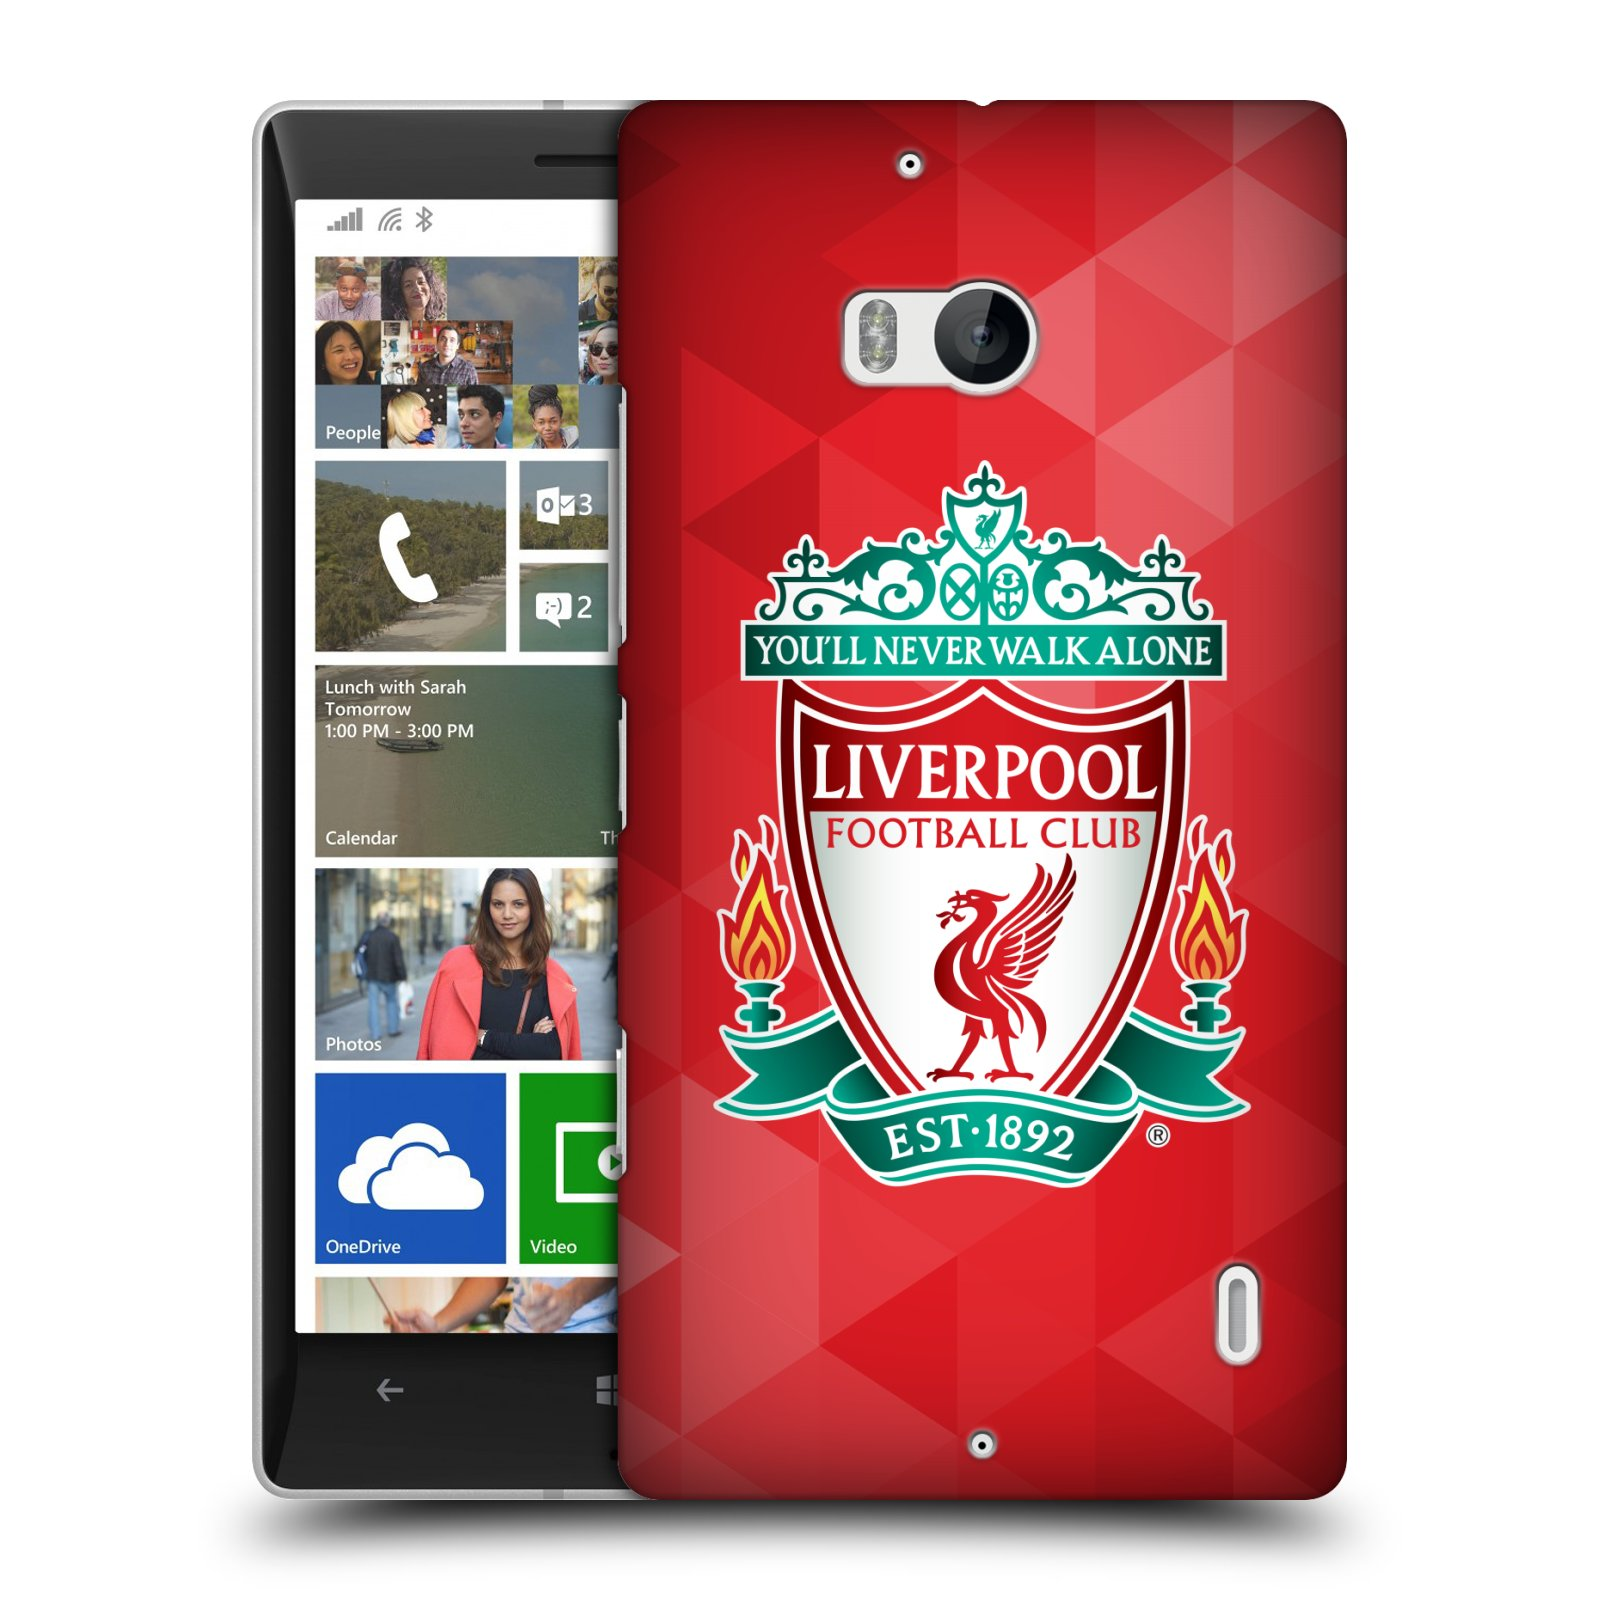 Plastové pouzdro na mobil Nokia Lumia 930 HEAD CASE ZNAK LIVERPOOL FC OFFICIAL GEOMETRIC RED (Kryt či obal na mobilní telefon Liverpool FC Official pro Nokia Lumia 930)